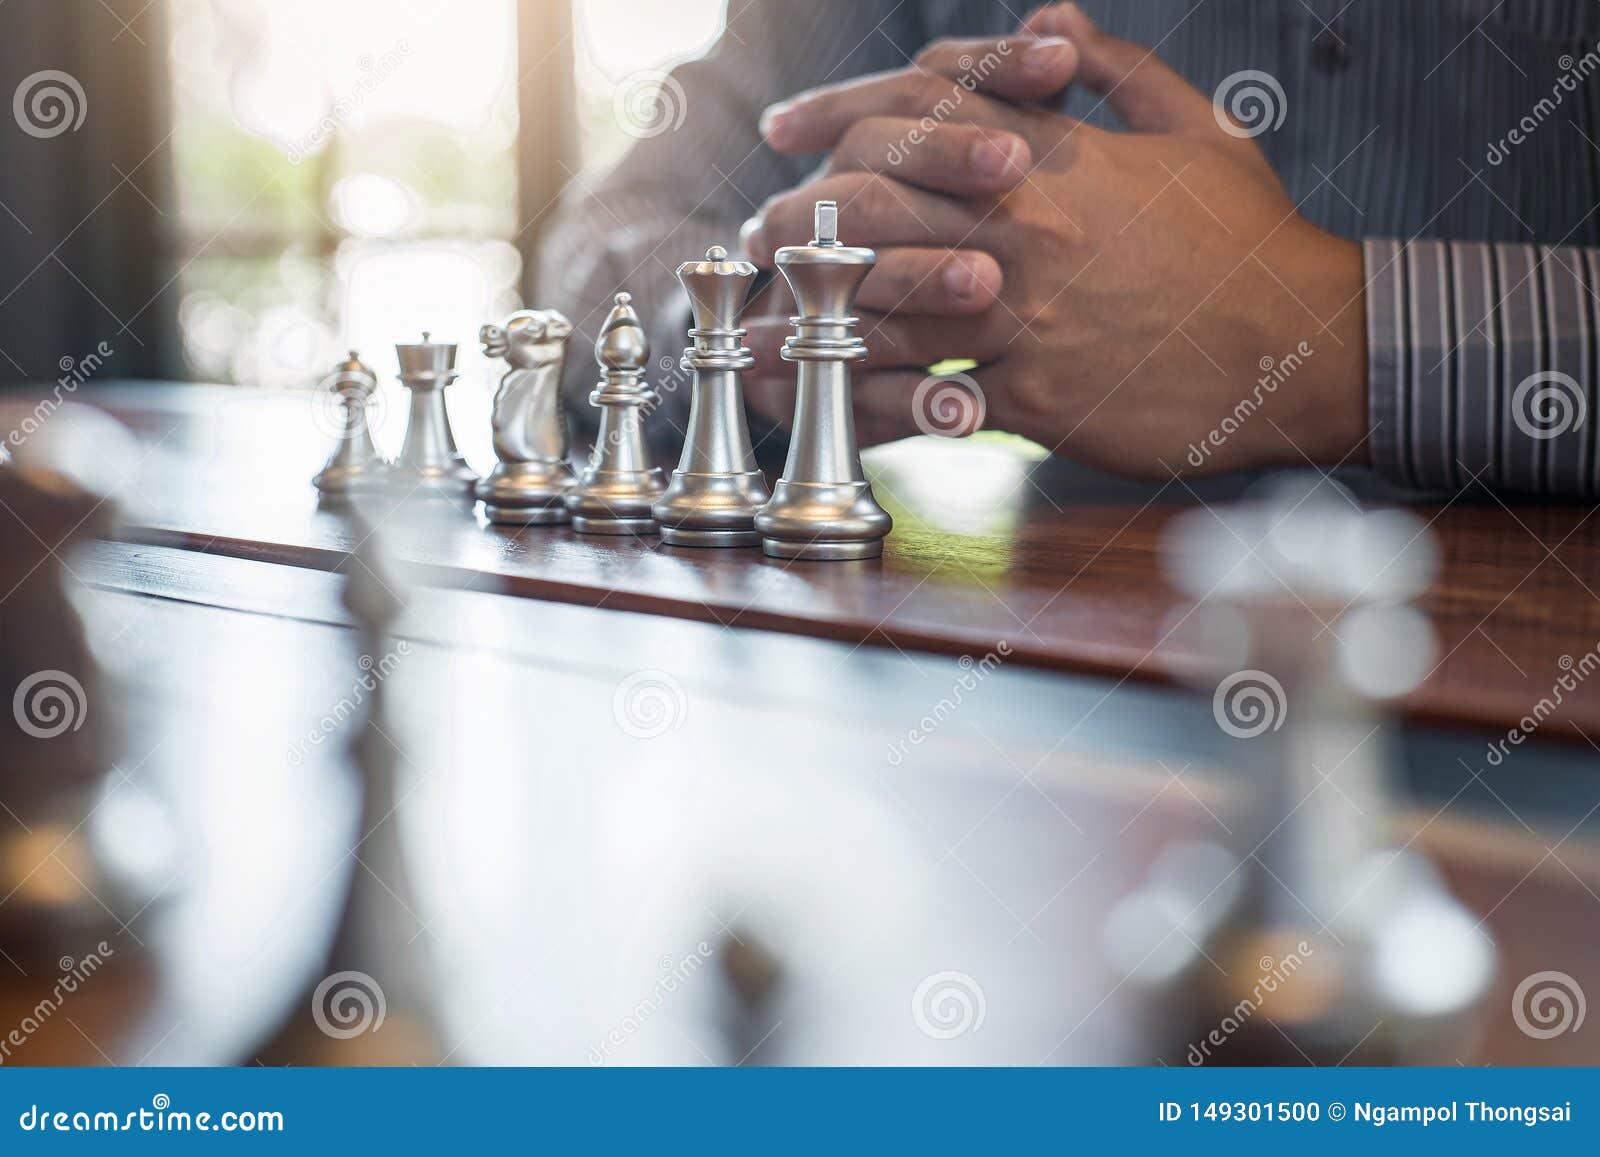 Oro y ajedrez de plata con el jugador, hombre de negocios inteligente que juega la competencia del juego de ajedrez al negocio de